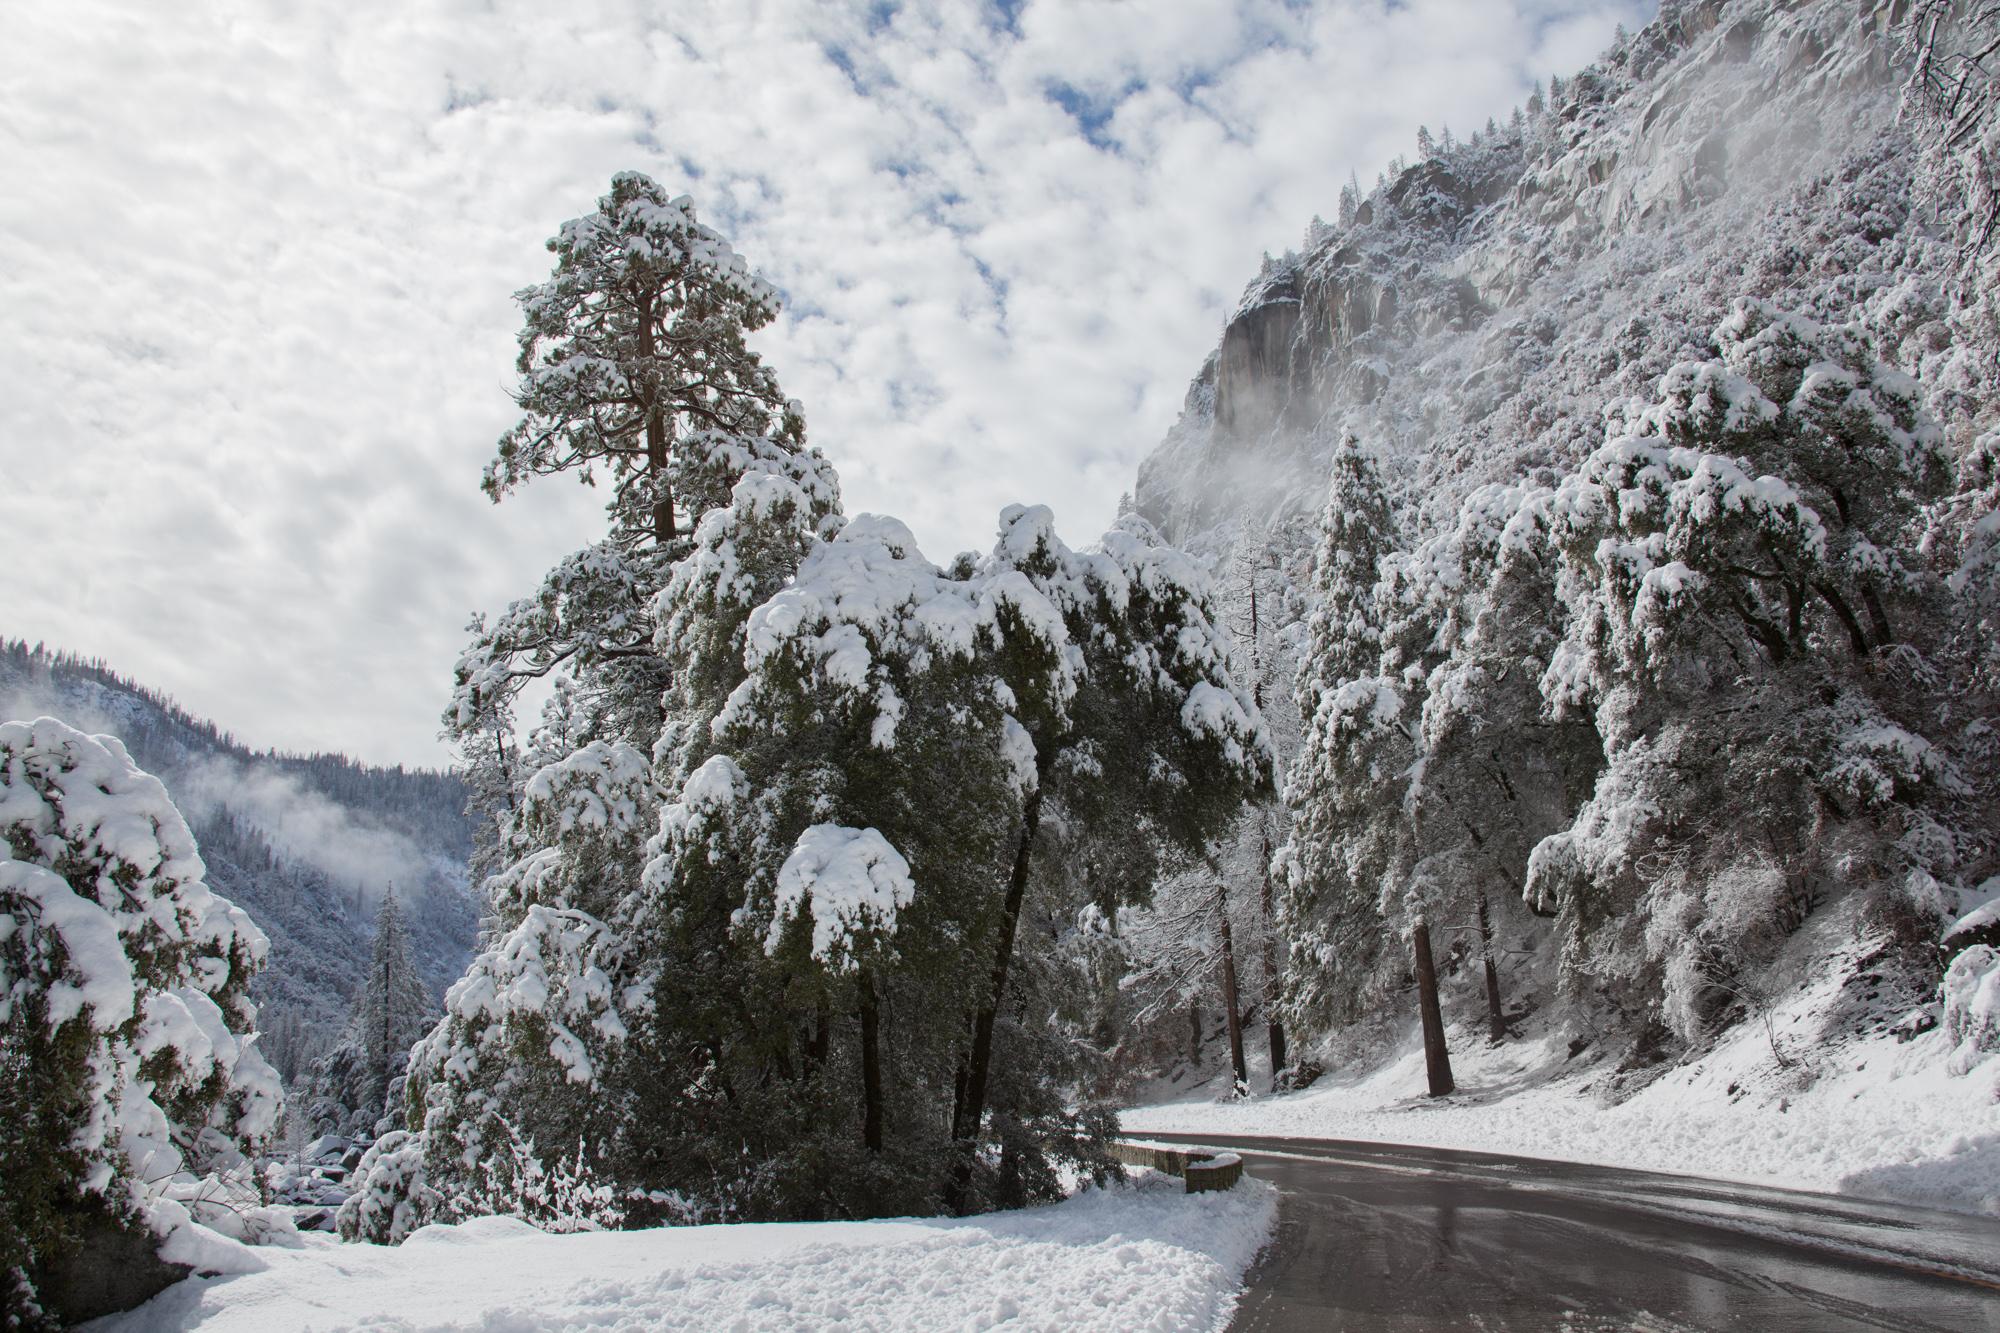 2019-02 Yosemite-27.jpg